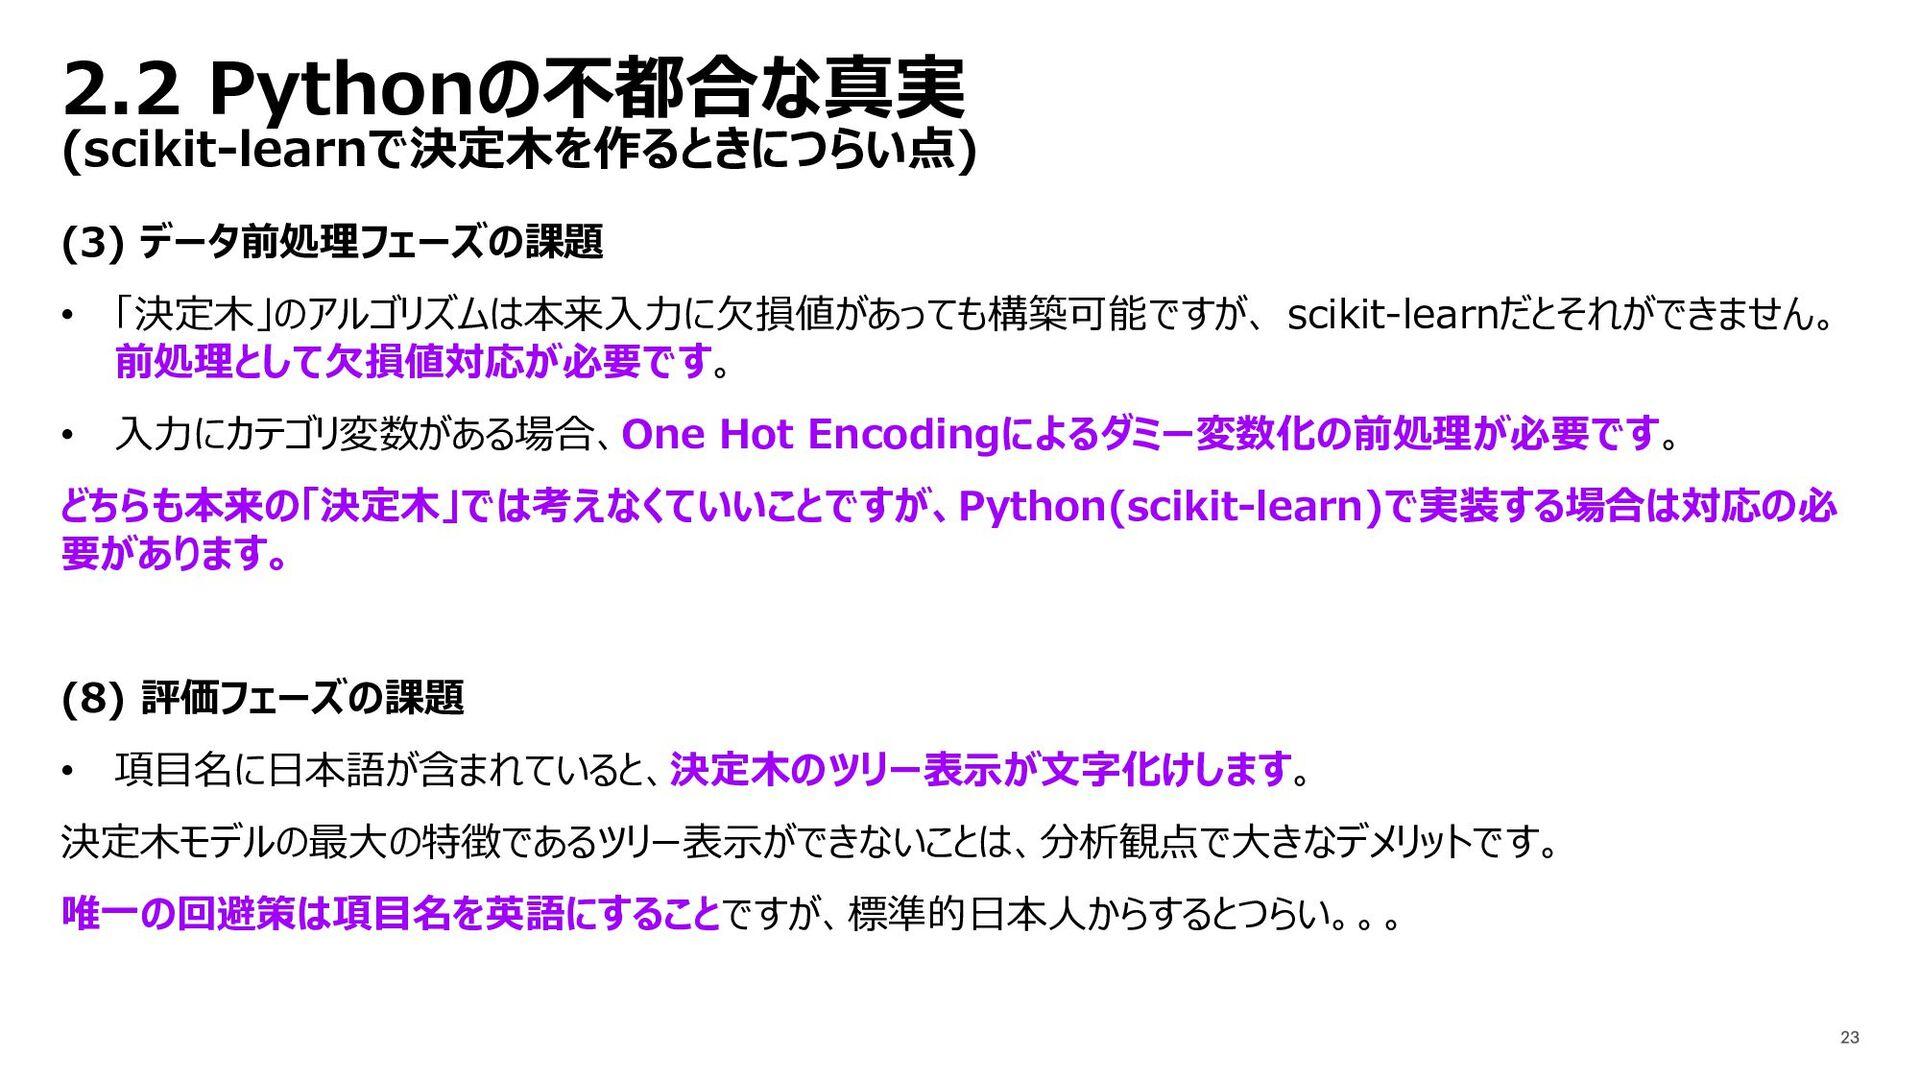 2.2 Pythonの不都合な真実 (scikit-learnで決定⽊を作るときにつらい点) ...